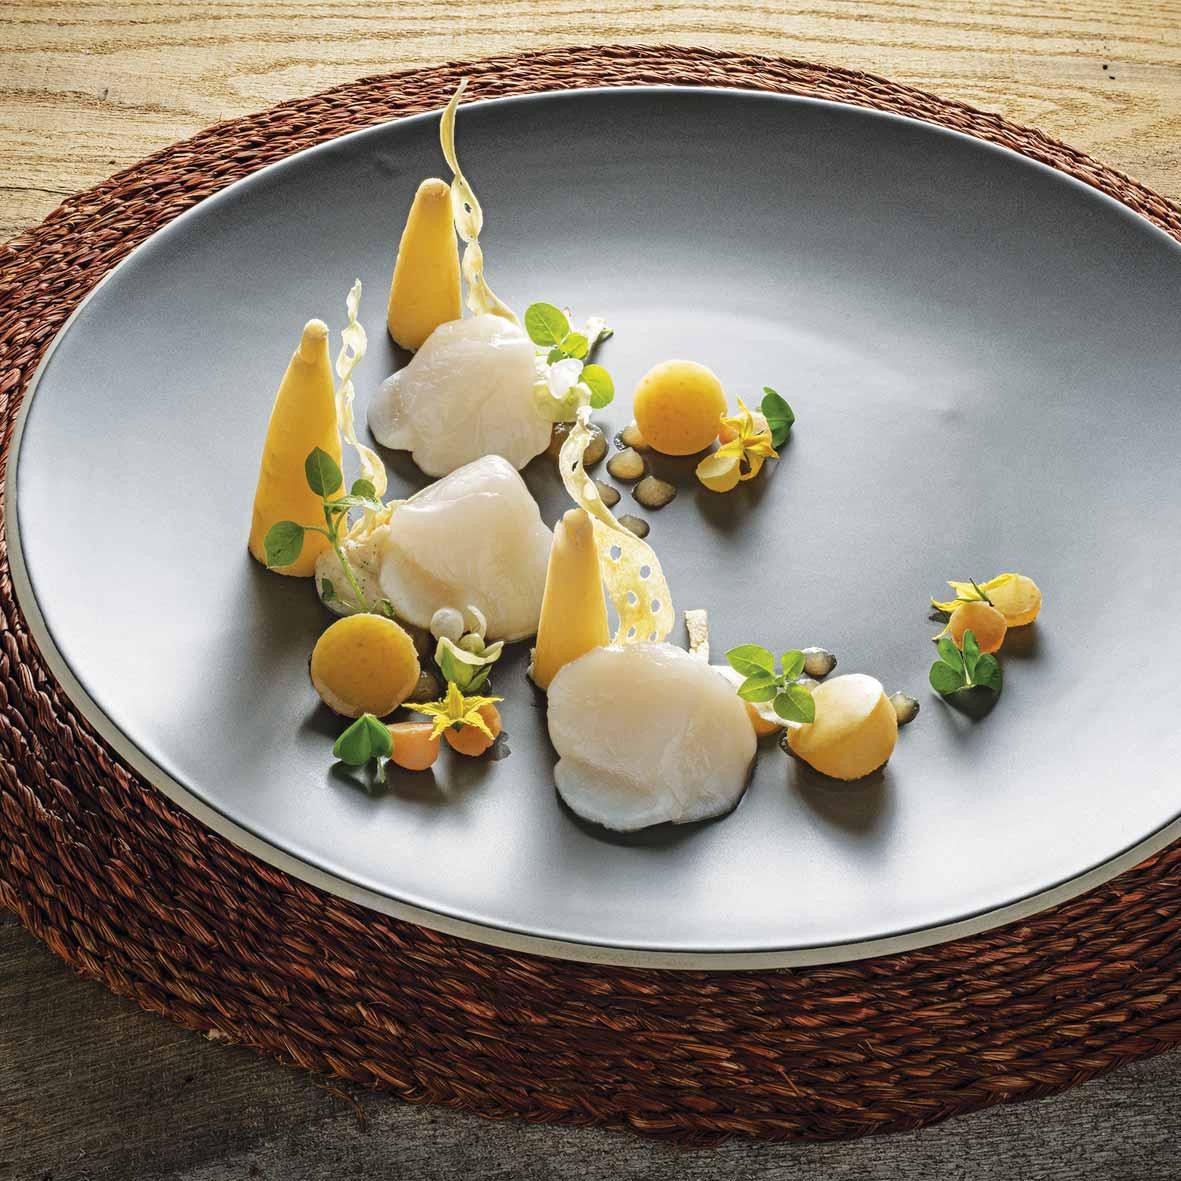 Le Chef David Le Bret présente la recette de Saumon Fumé d'Écosse au concombre et fenouil, bonne dégustation !